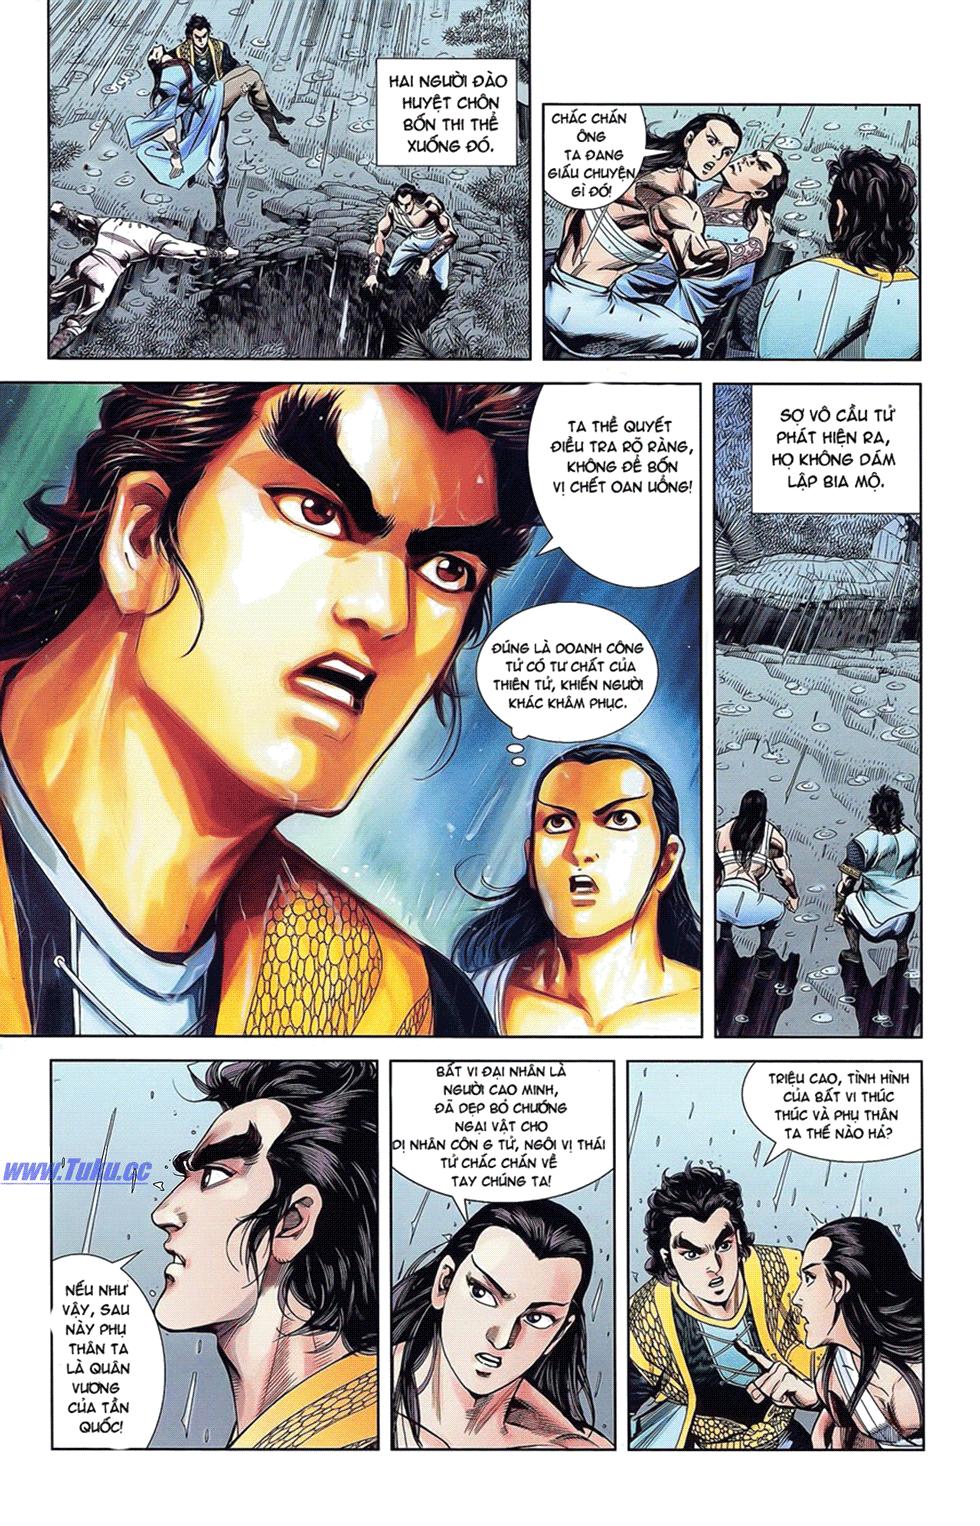 Tần Vương Doanh Chính chapter 18 trang 9